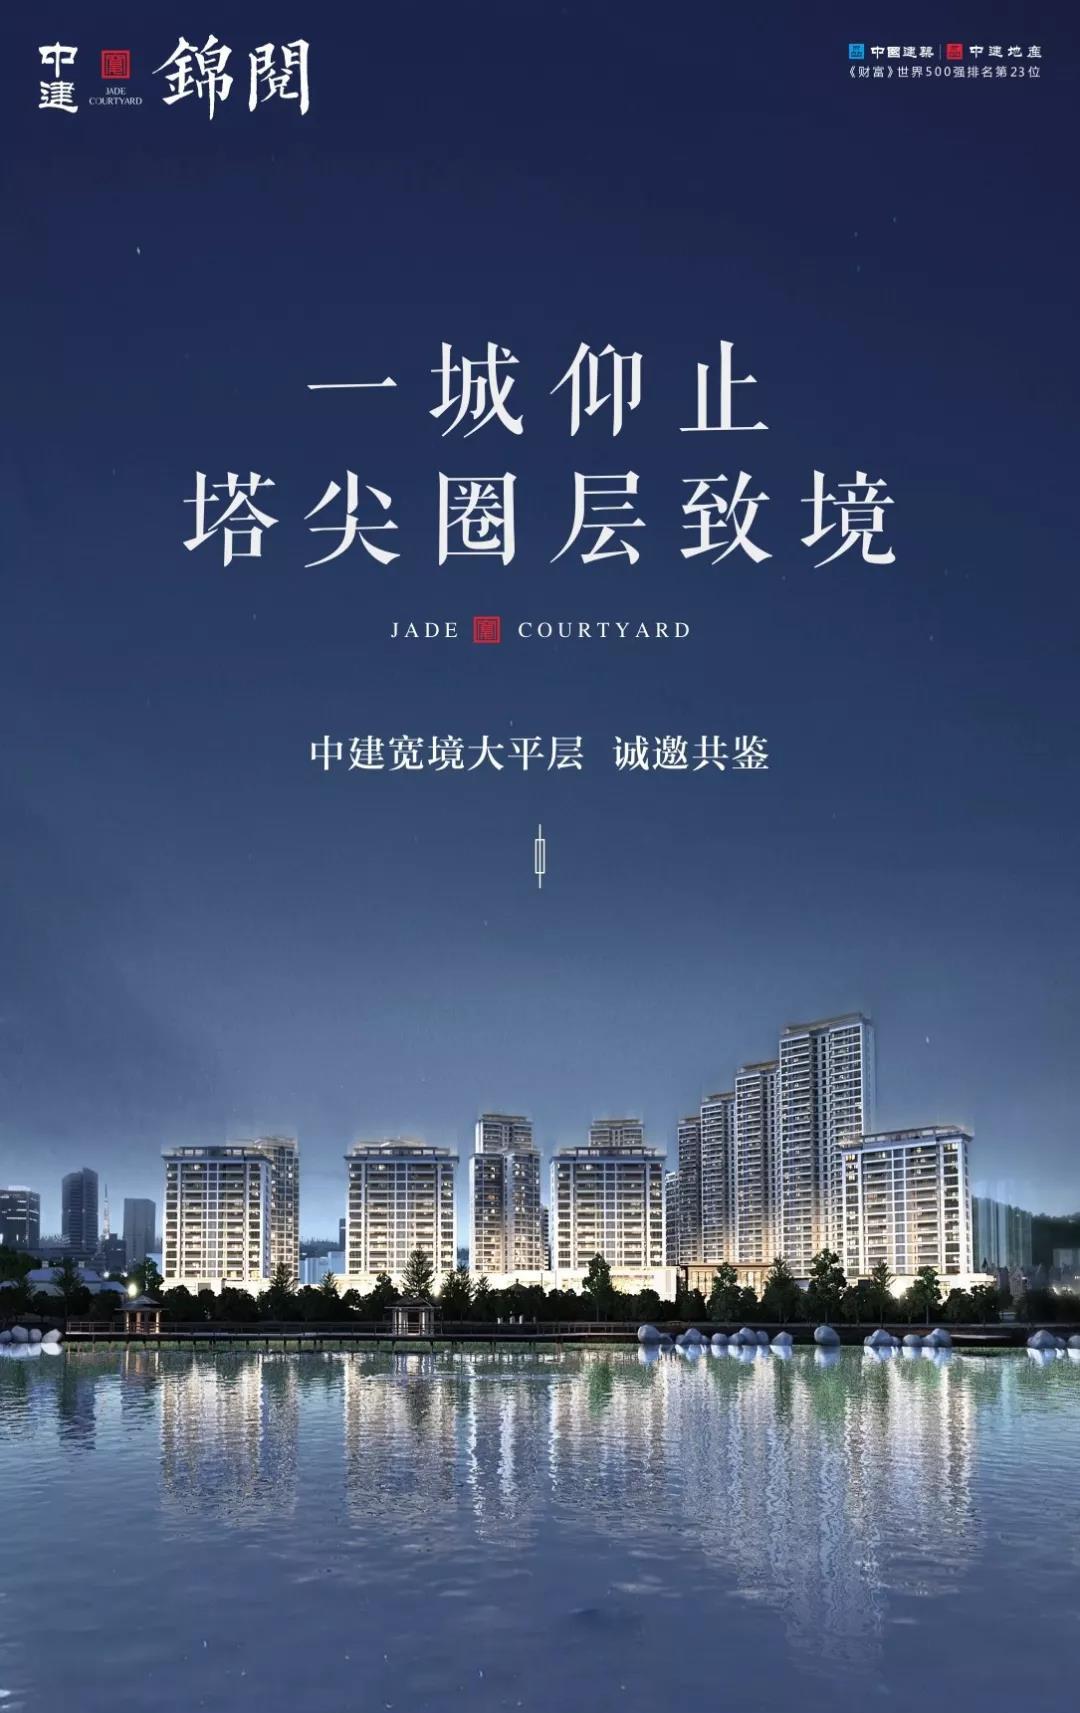 中建•锦阅|一筑雅境,续写东方审美-中国网地产